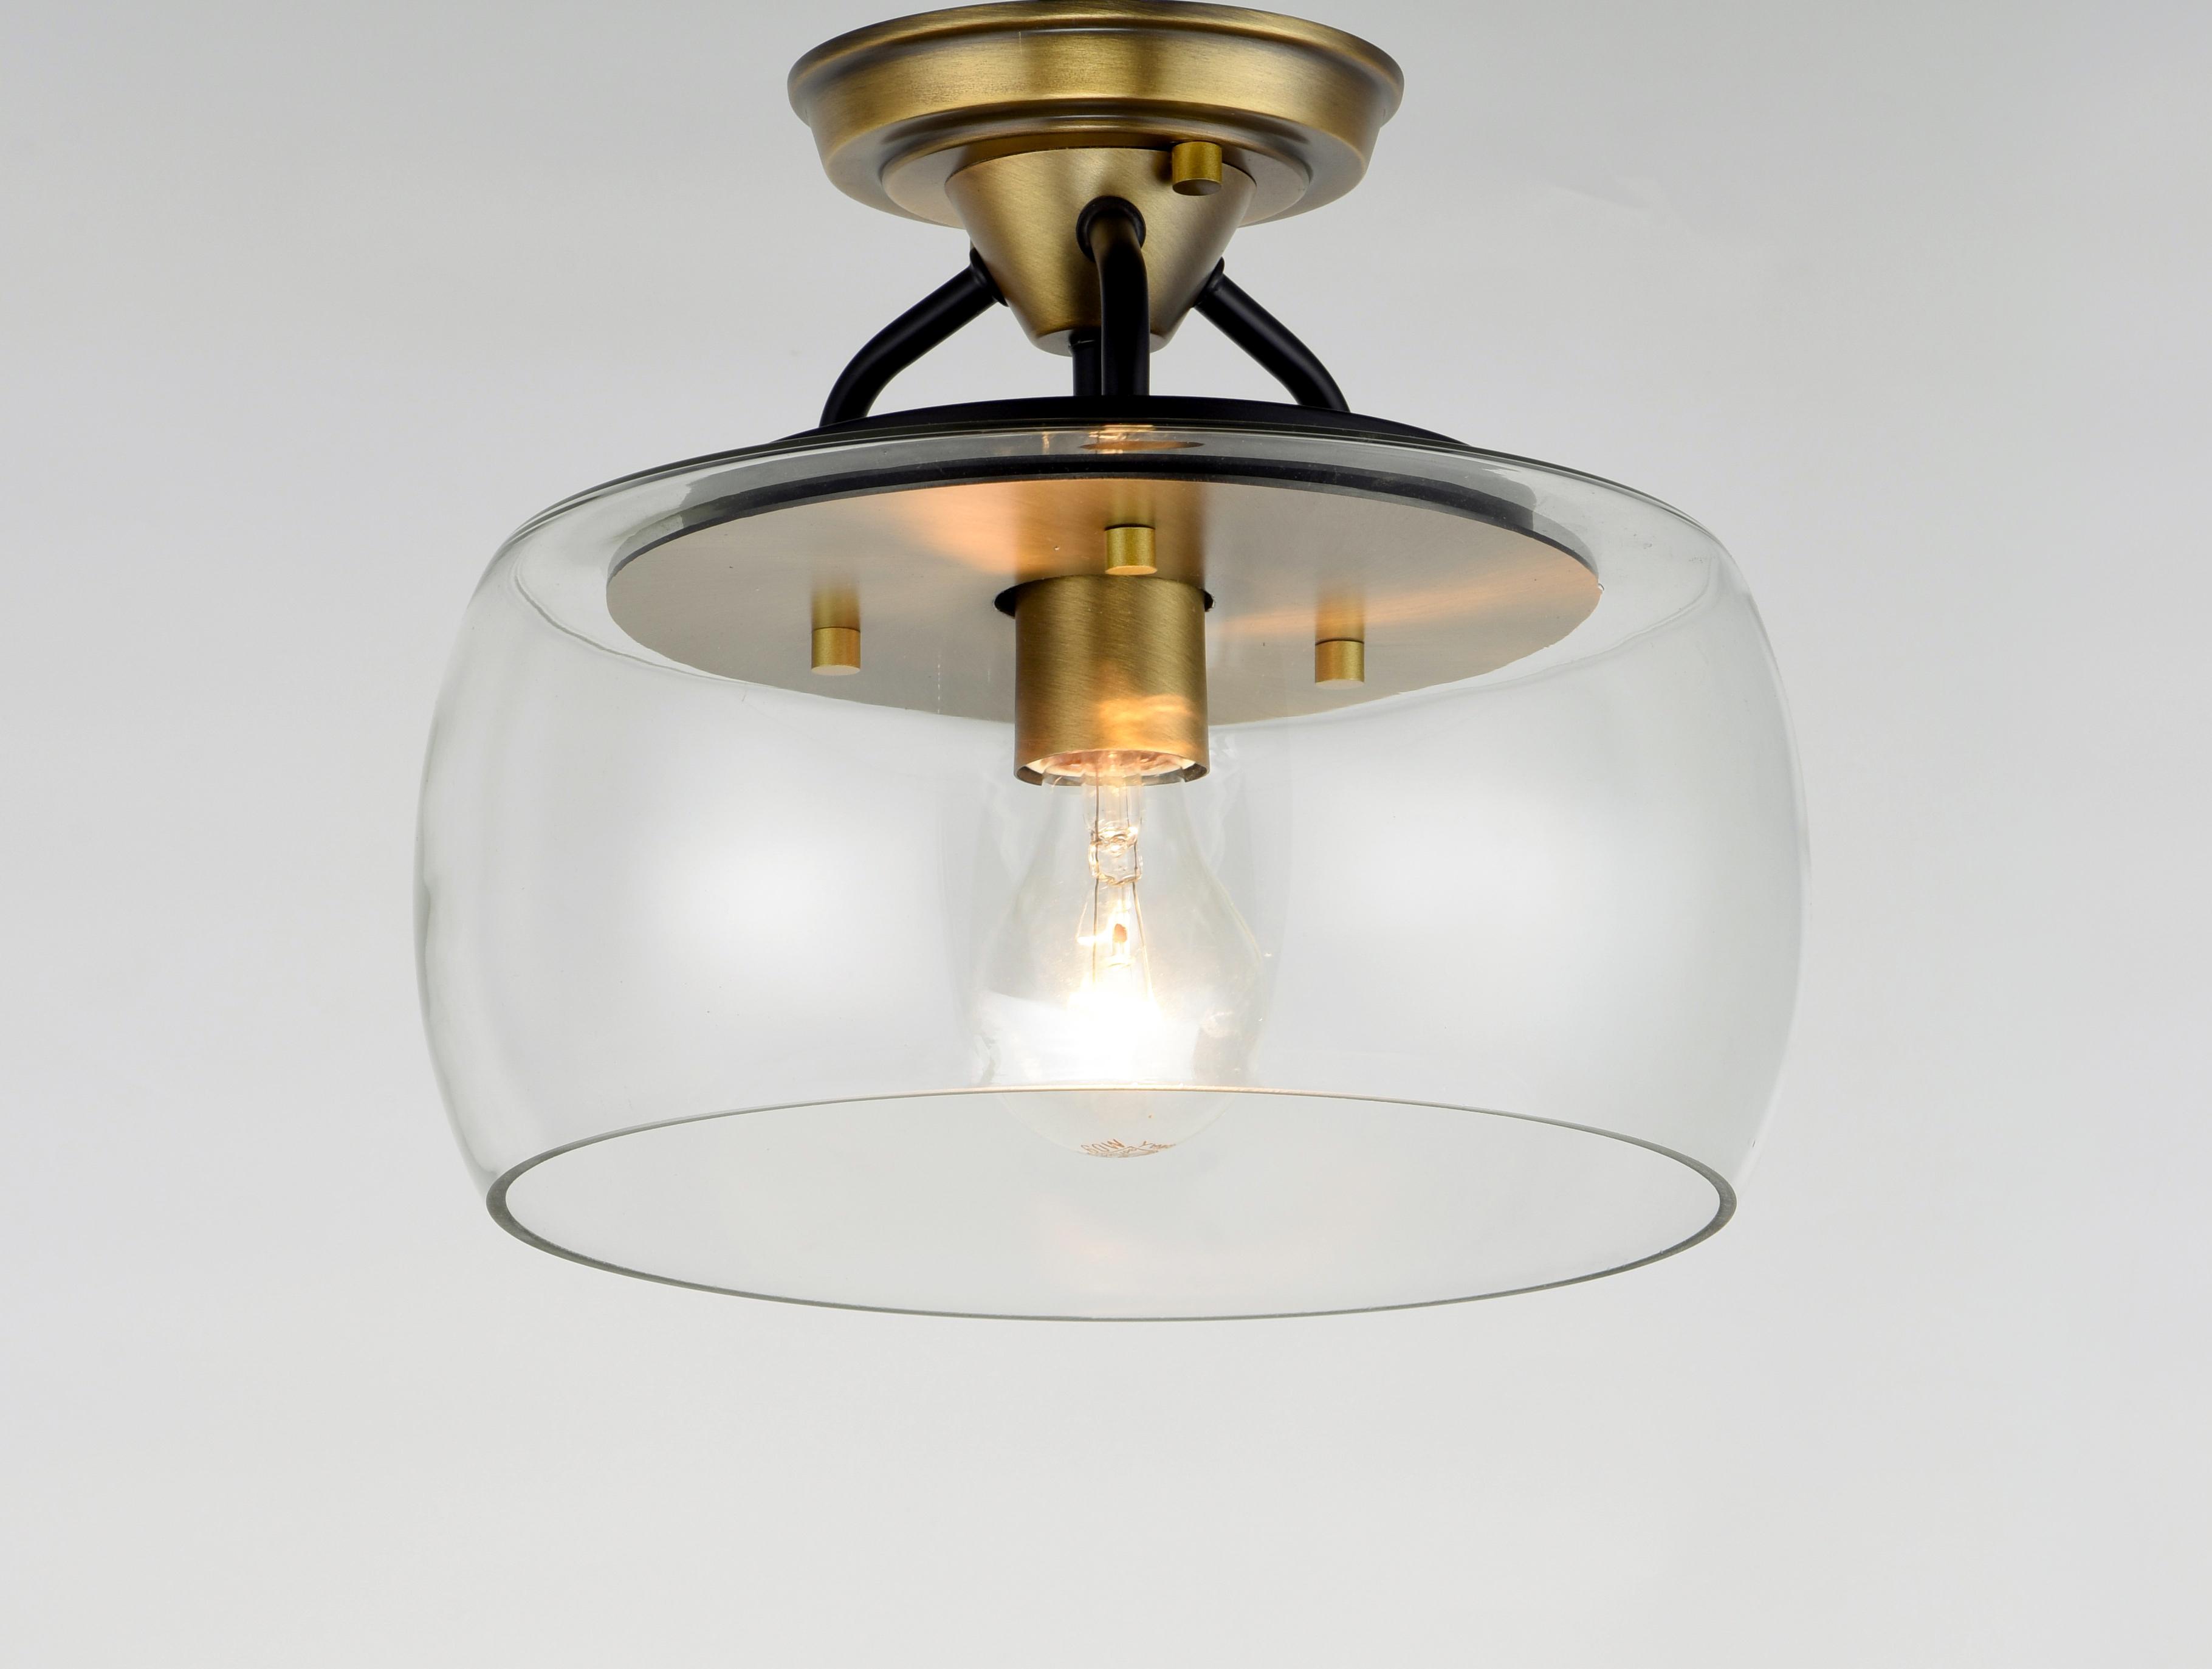 Goblet 1 light semi flush mount